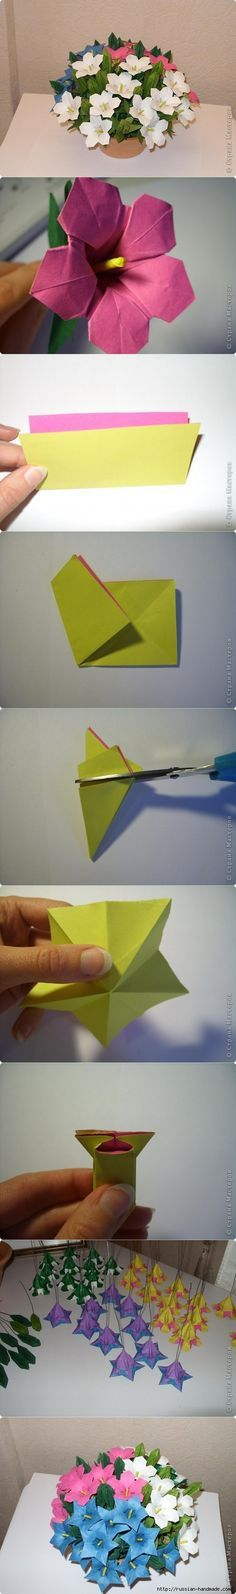 Ramo de flores de origami tutorial                                                                                                                                                     Más